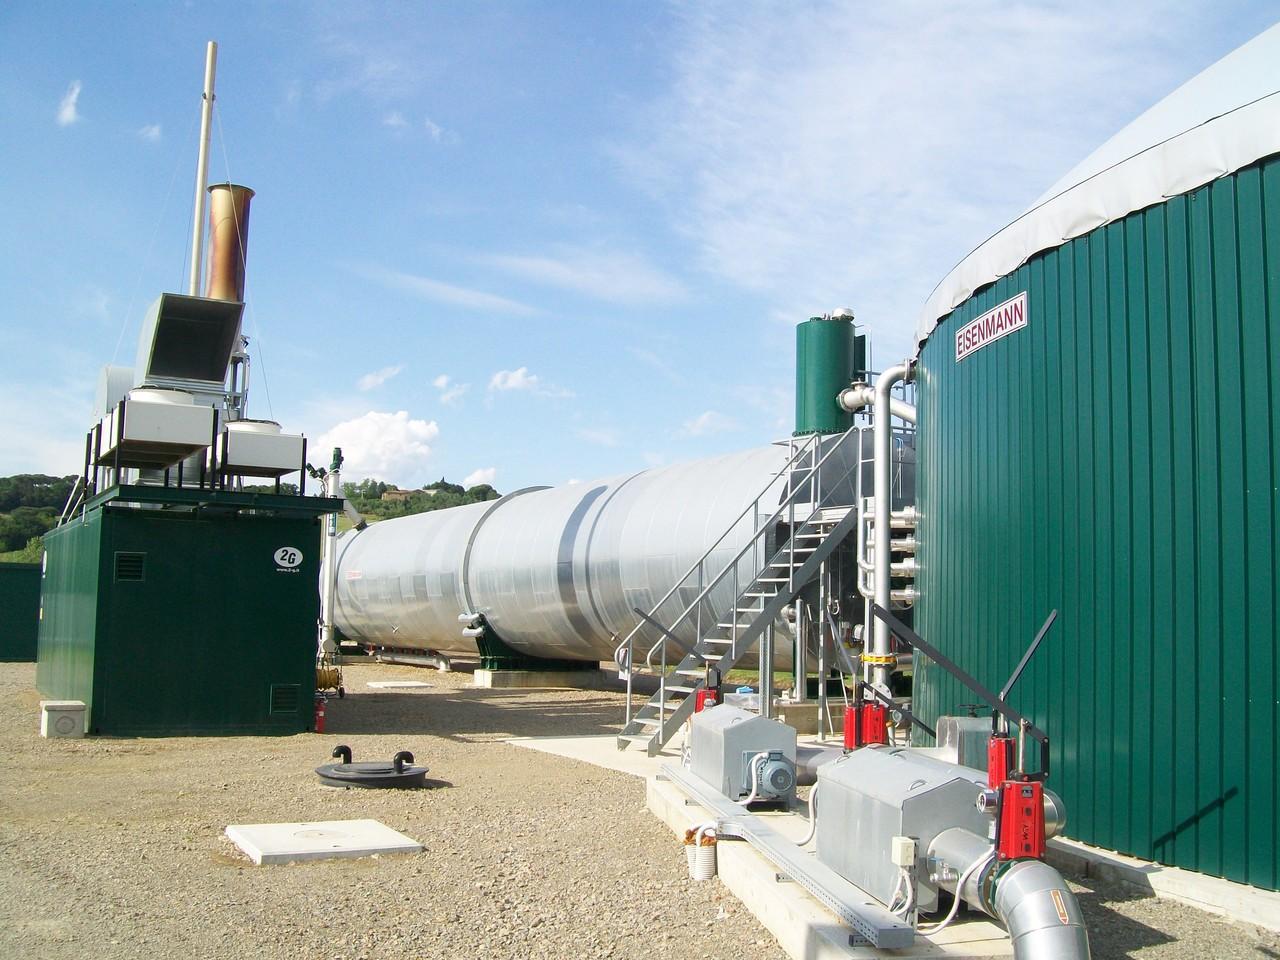 Sistema di cogenerazione adiacente all'impianto di biogas